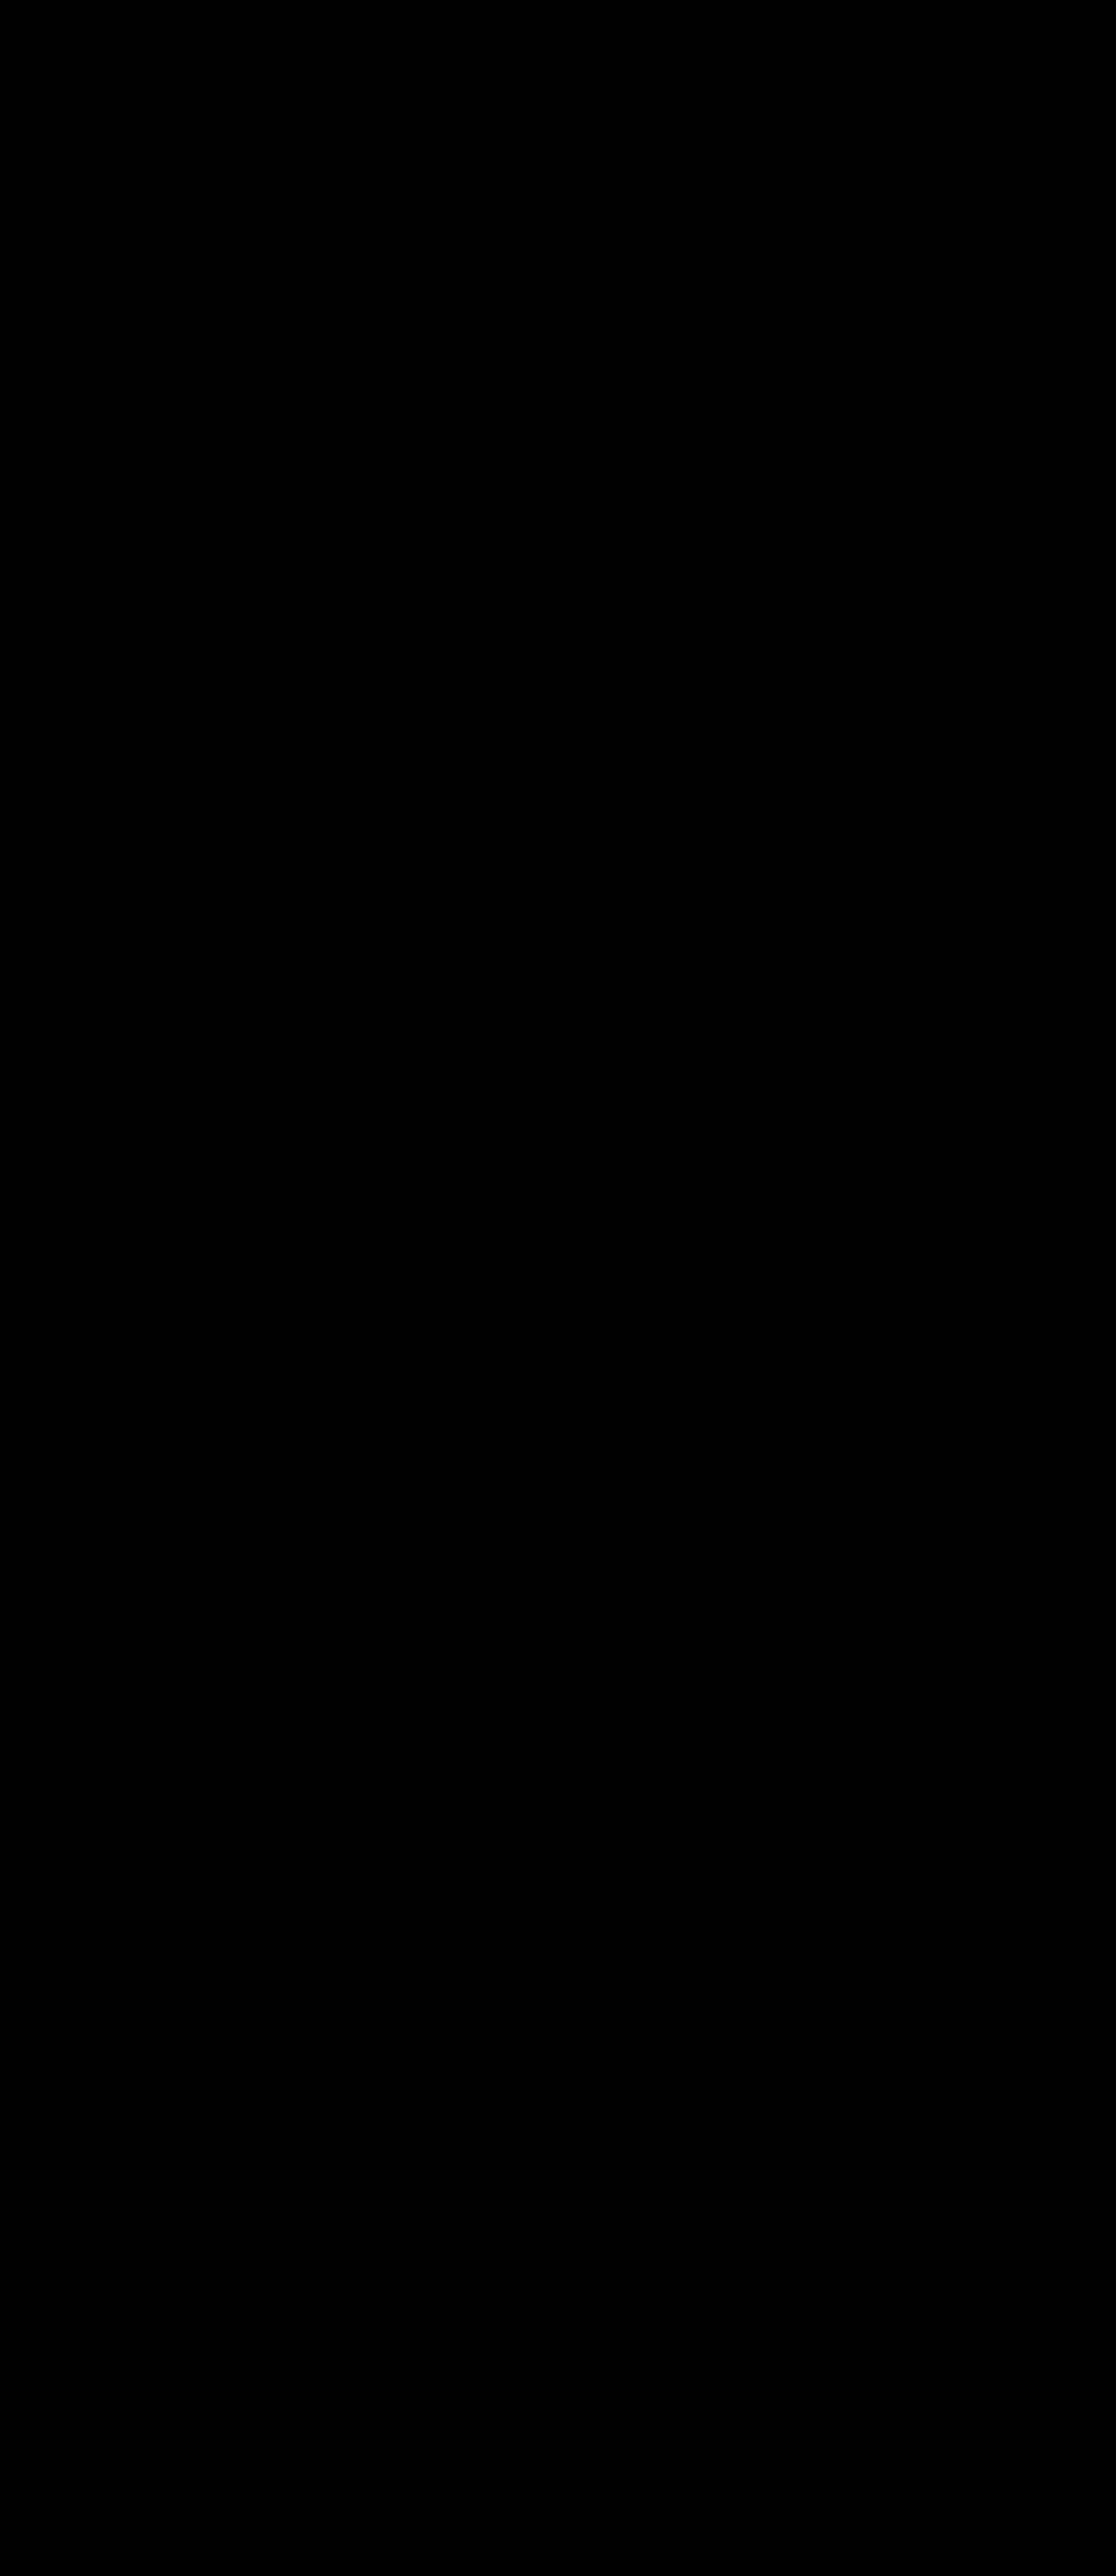 EL TENEBROSO LIBRO DE LOS MONSTRUOS Geronimo Stilton